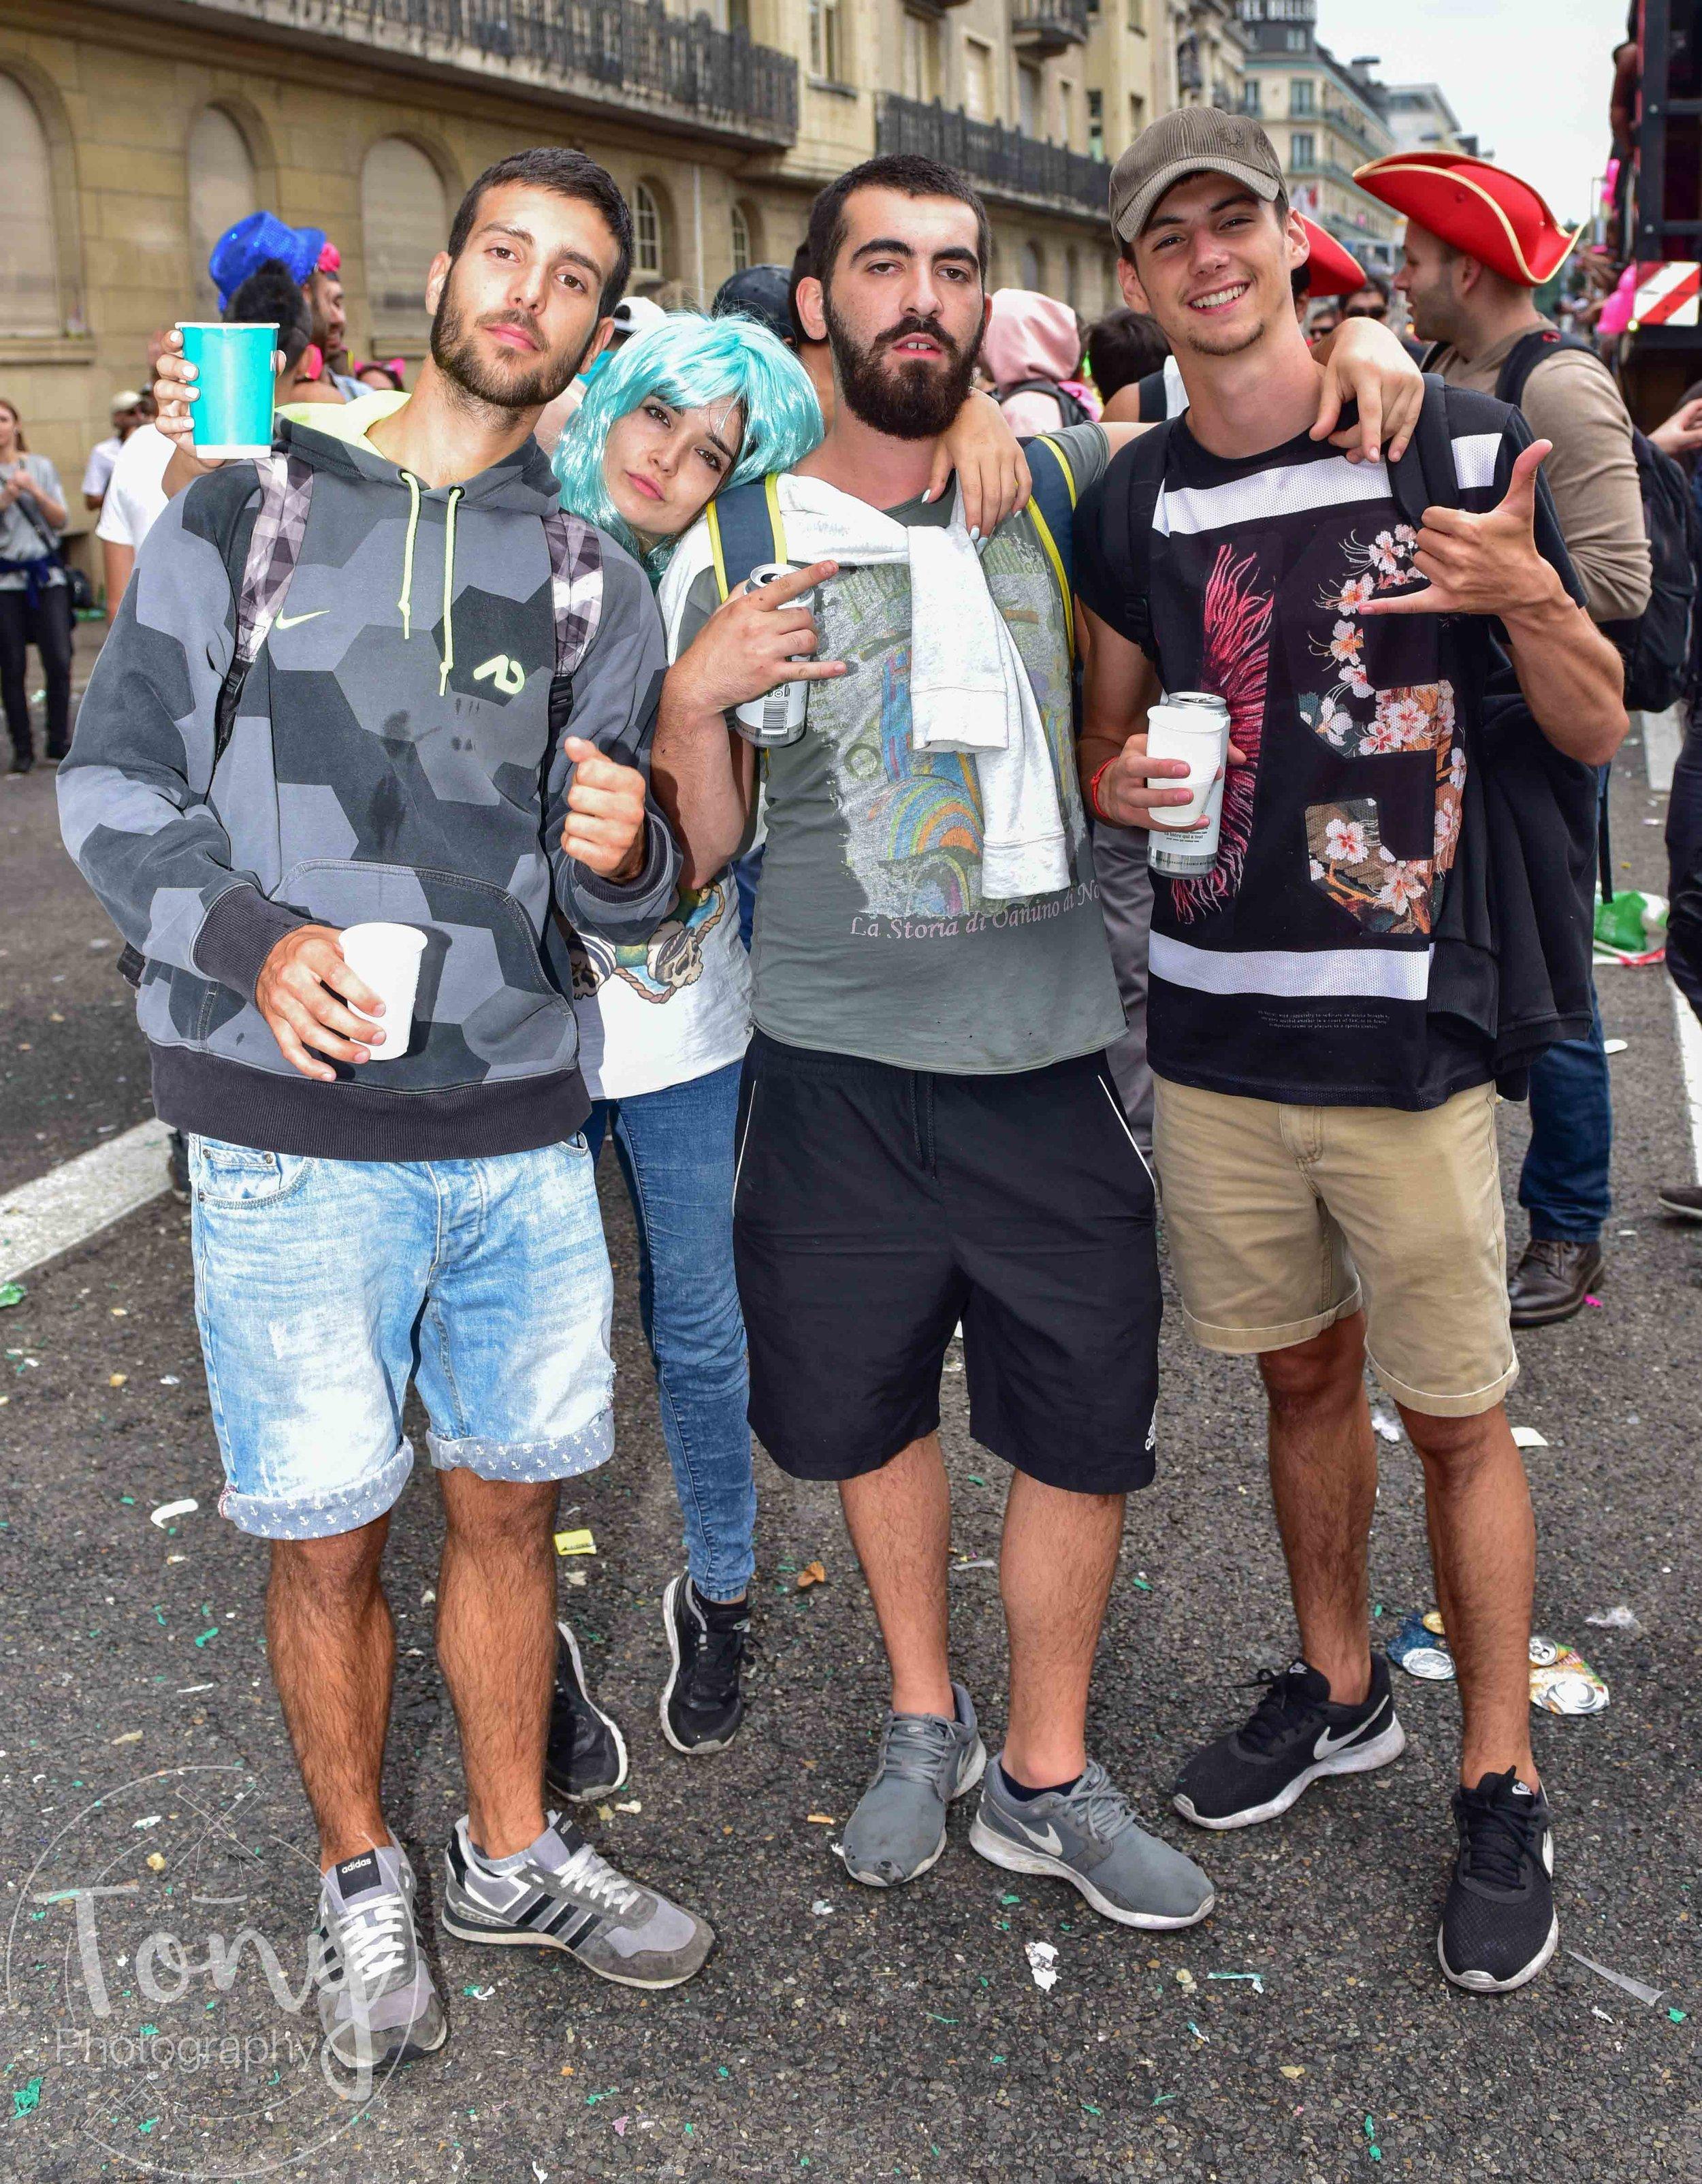 streetparade-227.jpg